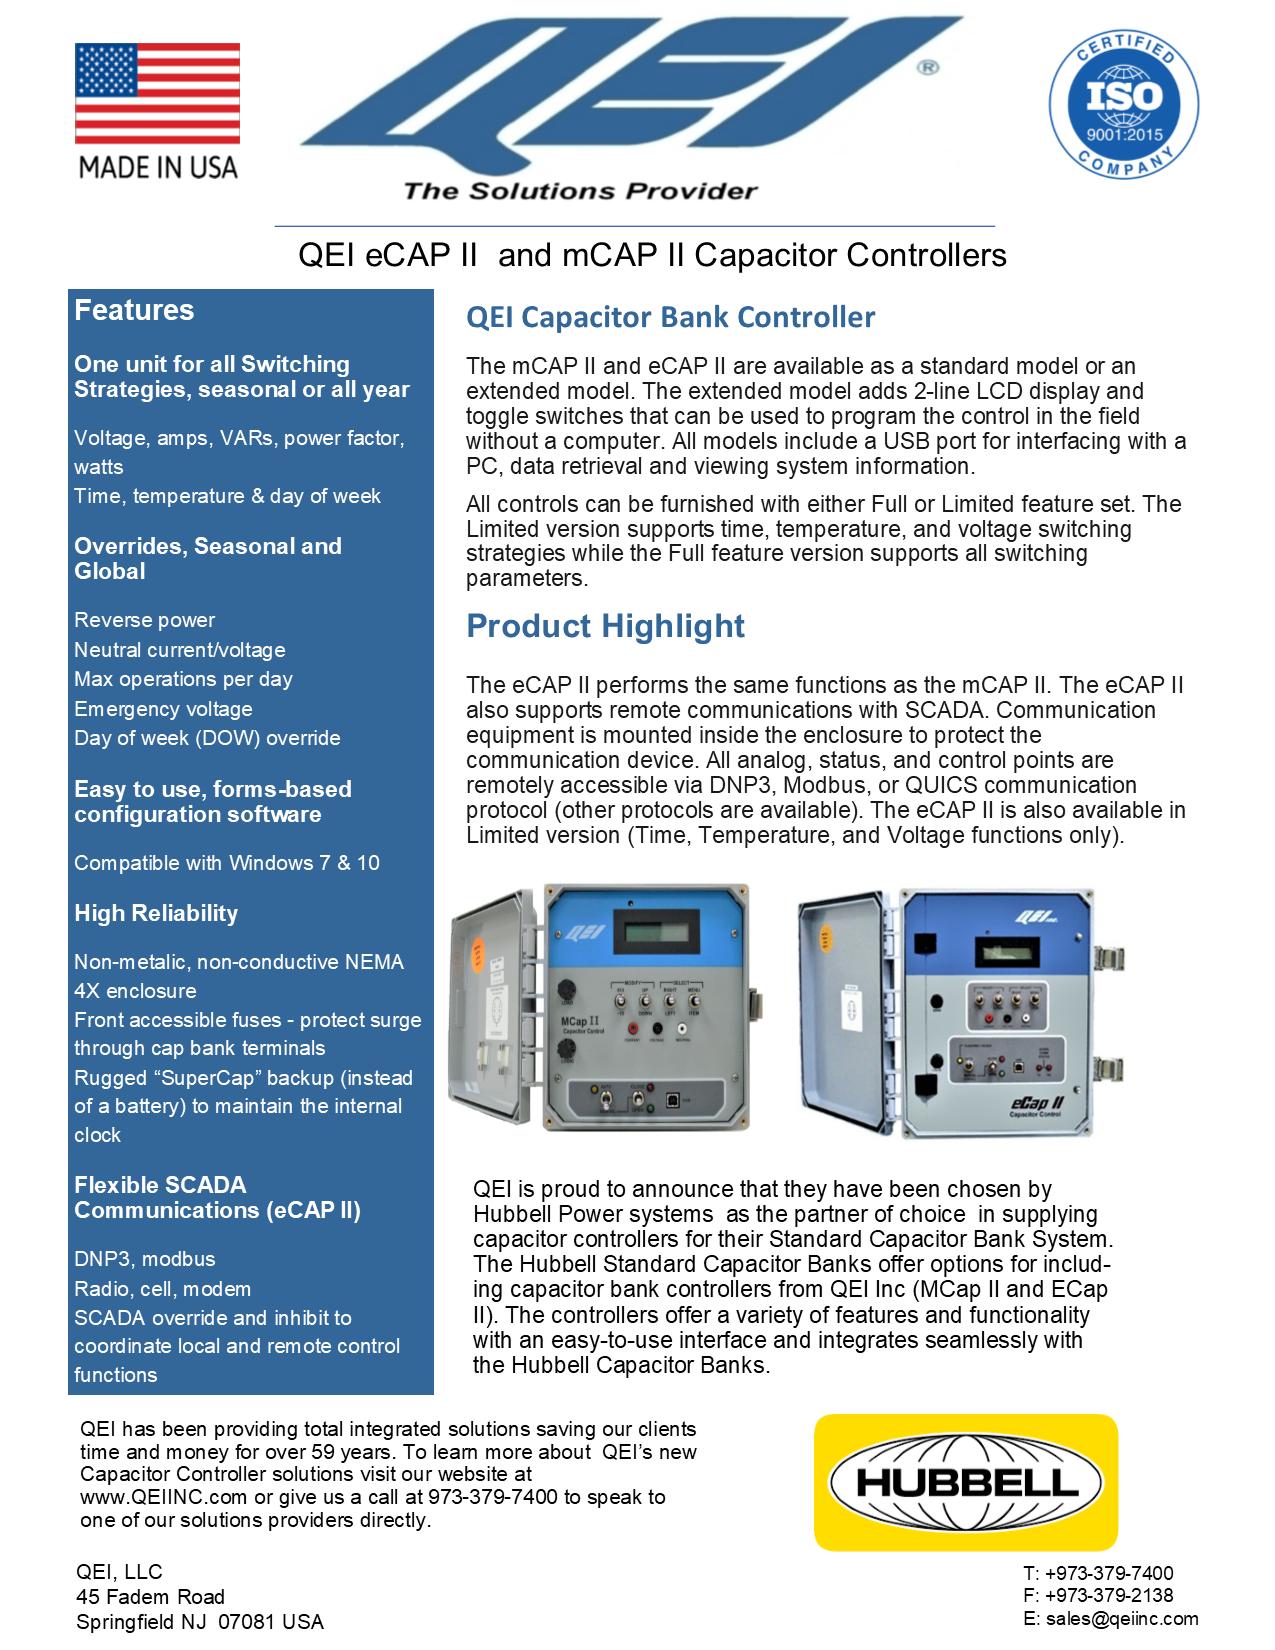 Qei Capacitor Controller Capacitors System Mcap